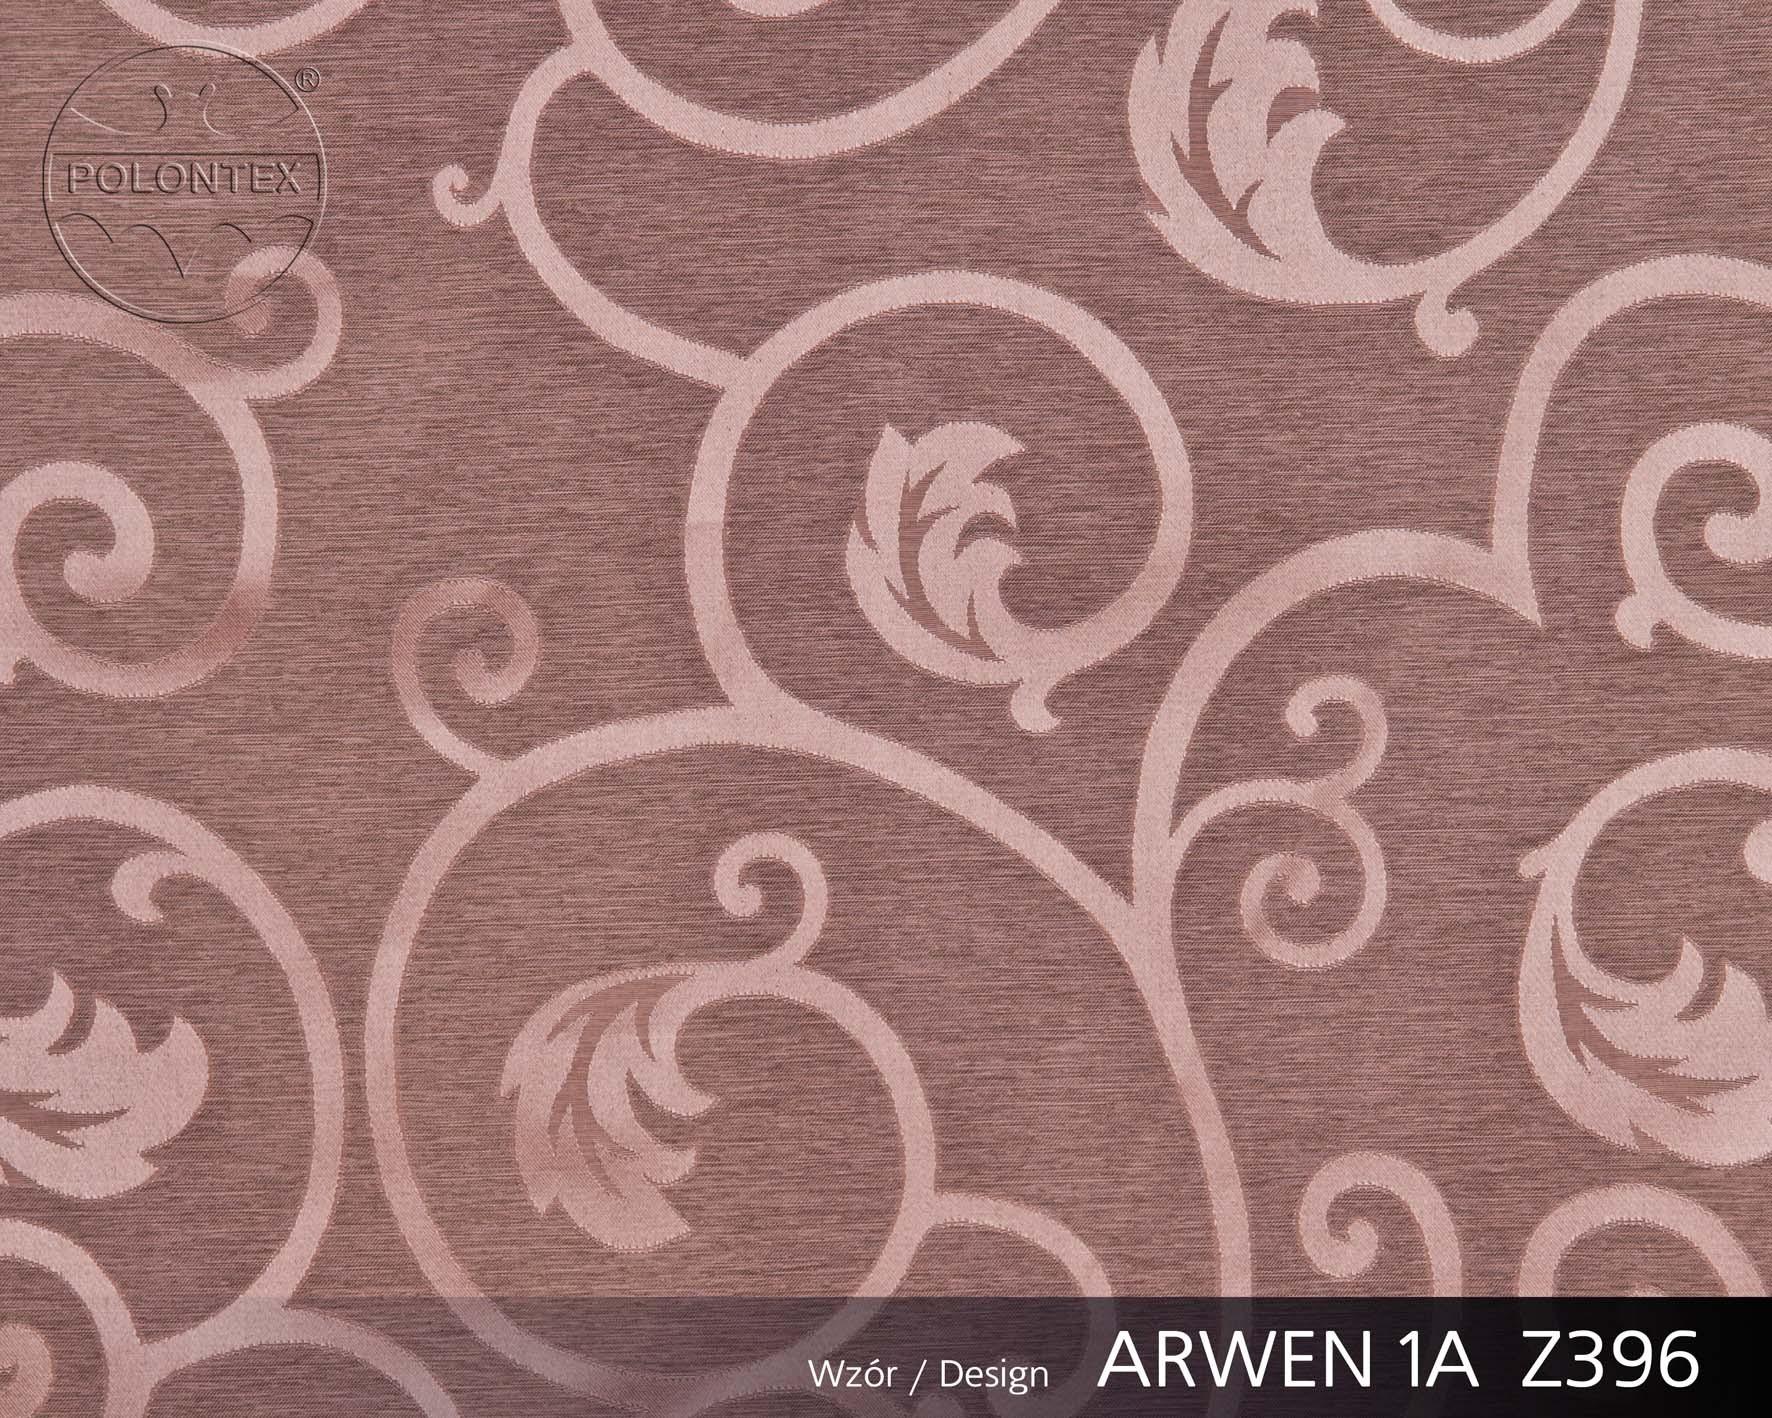 ARWEN 1A Z396